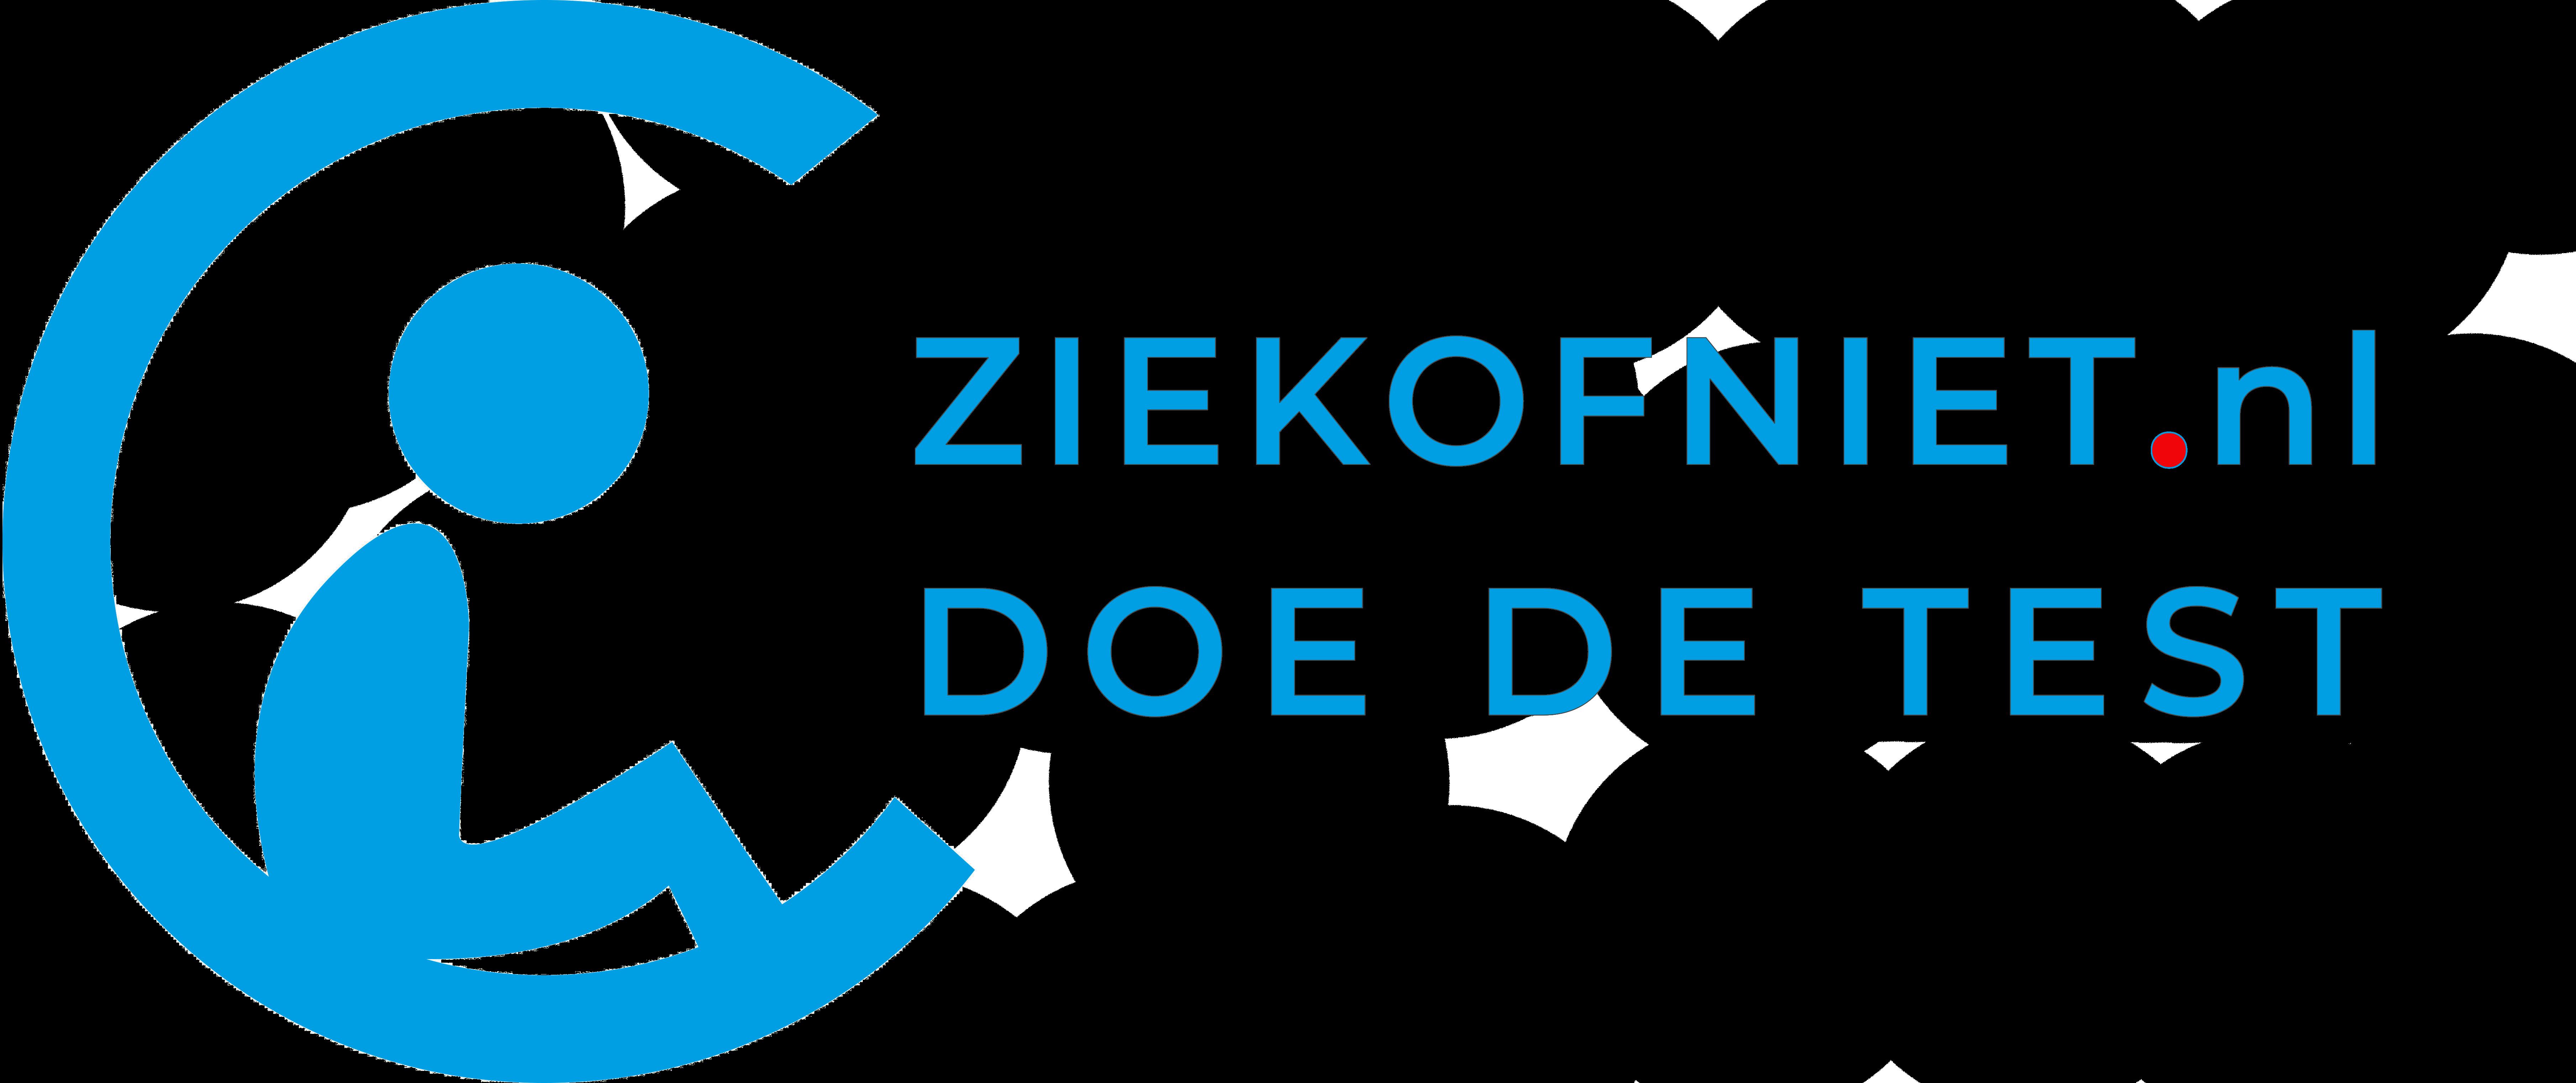 ziek of niet, test of je ME CVS hebt op ziekofniet.nl